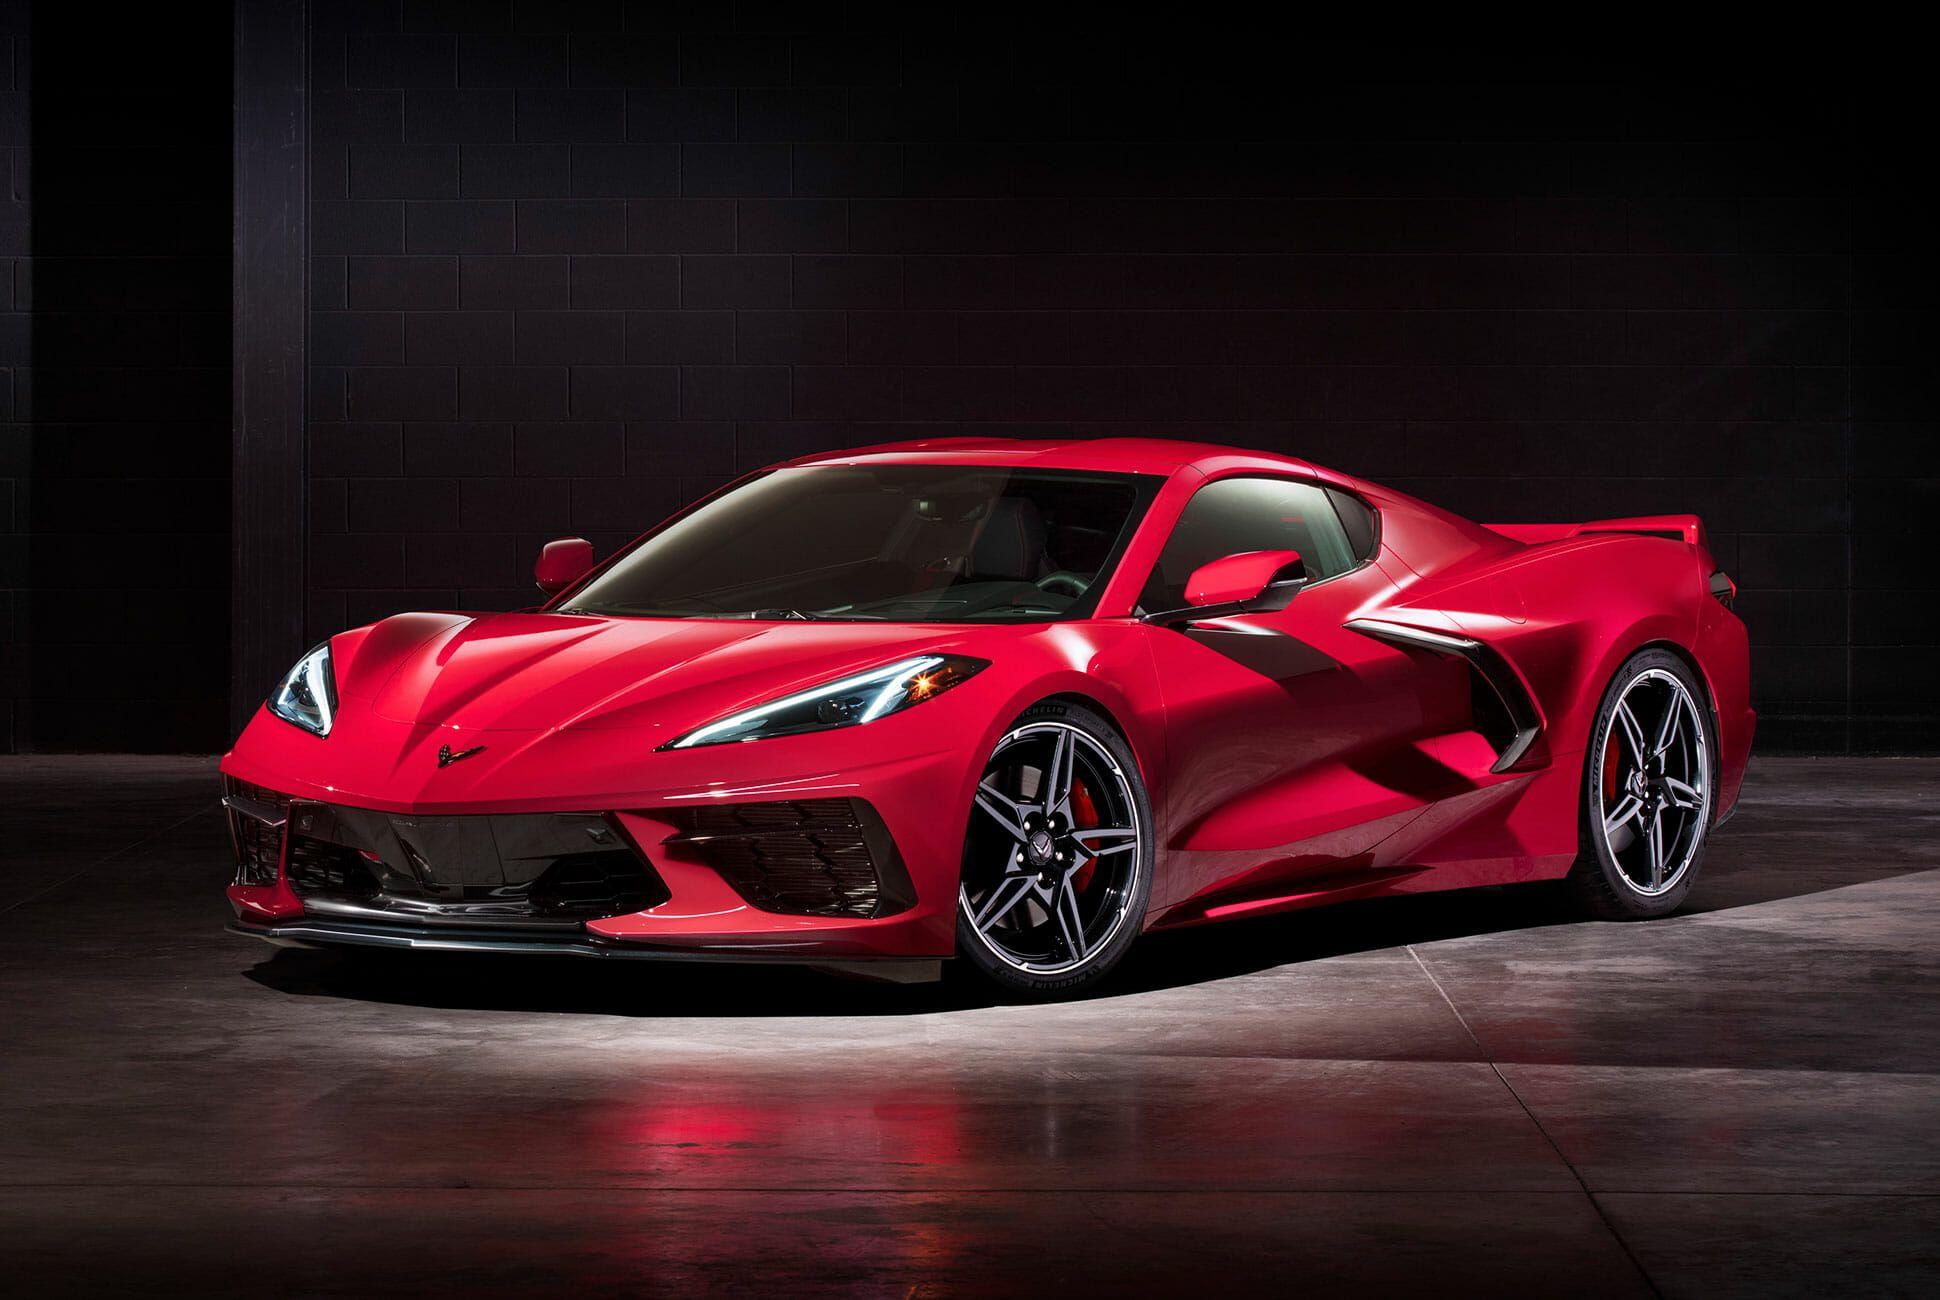 2020-Chevrolet-Corvette-Stingray-gear-patrol-slide-1